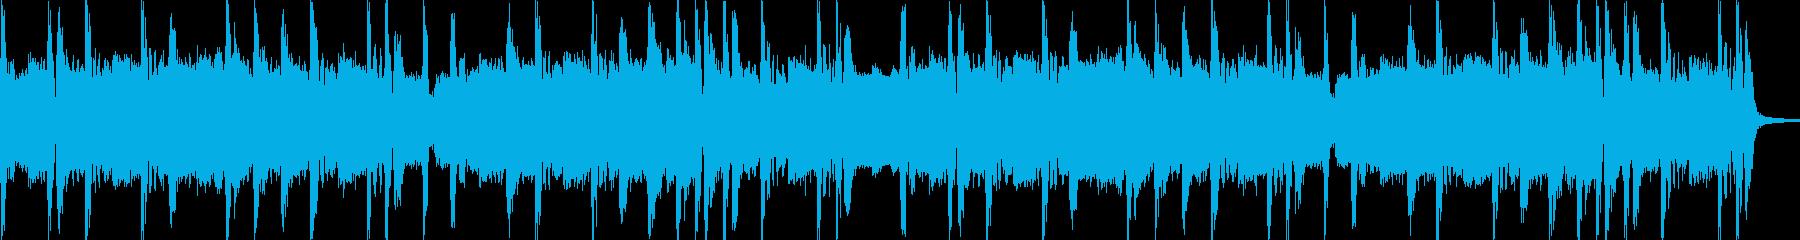 ノリノリなヒップホップビート8小節の再生済みの波形